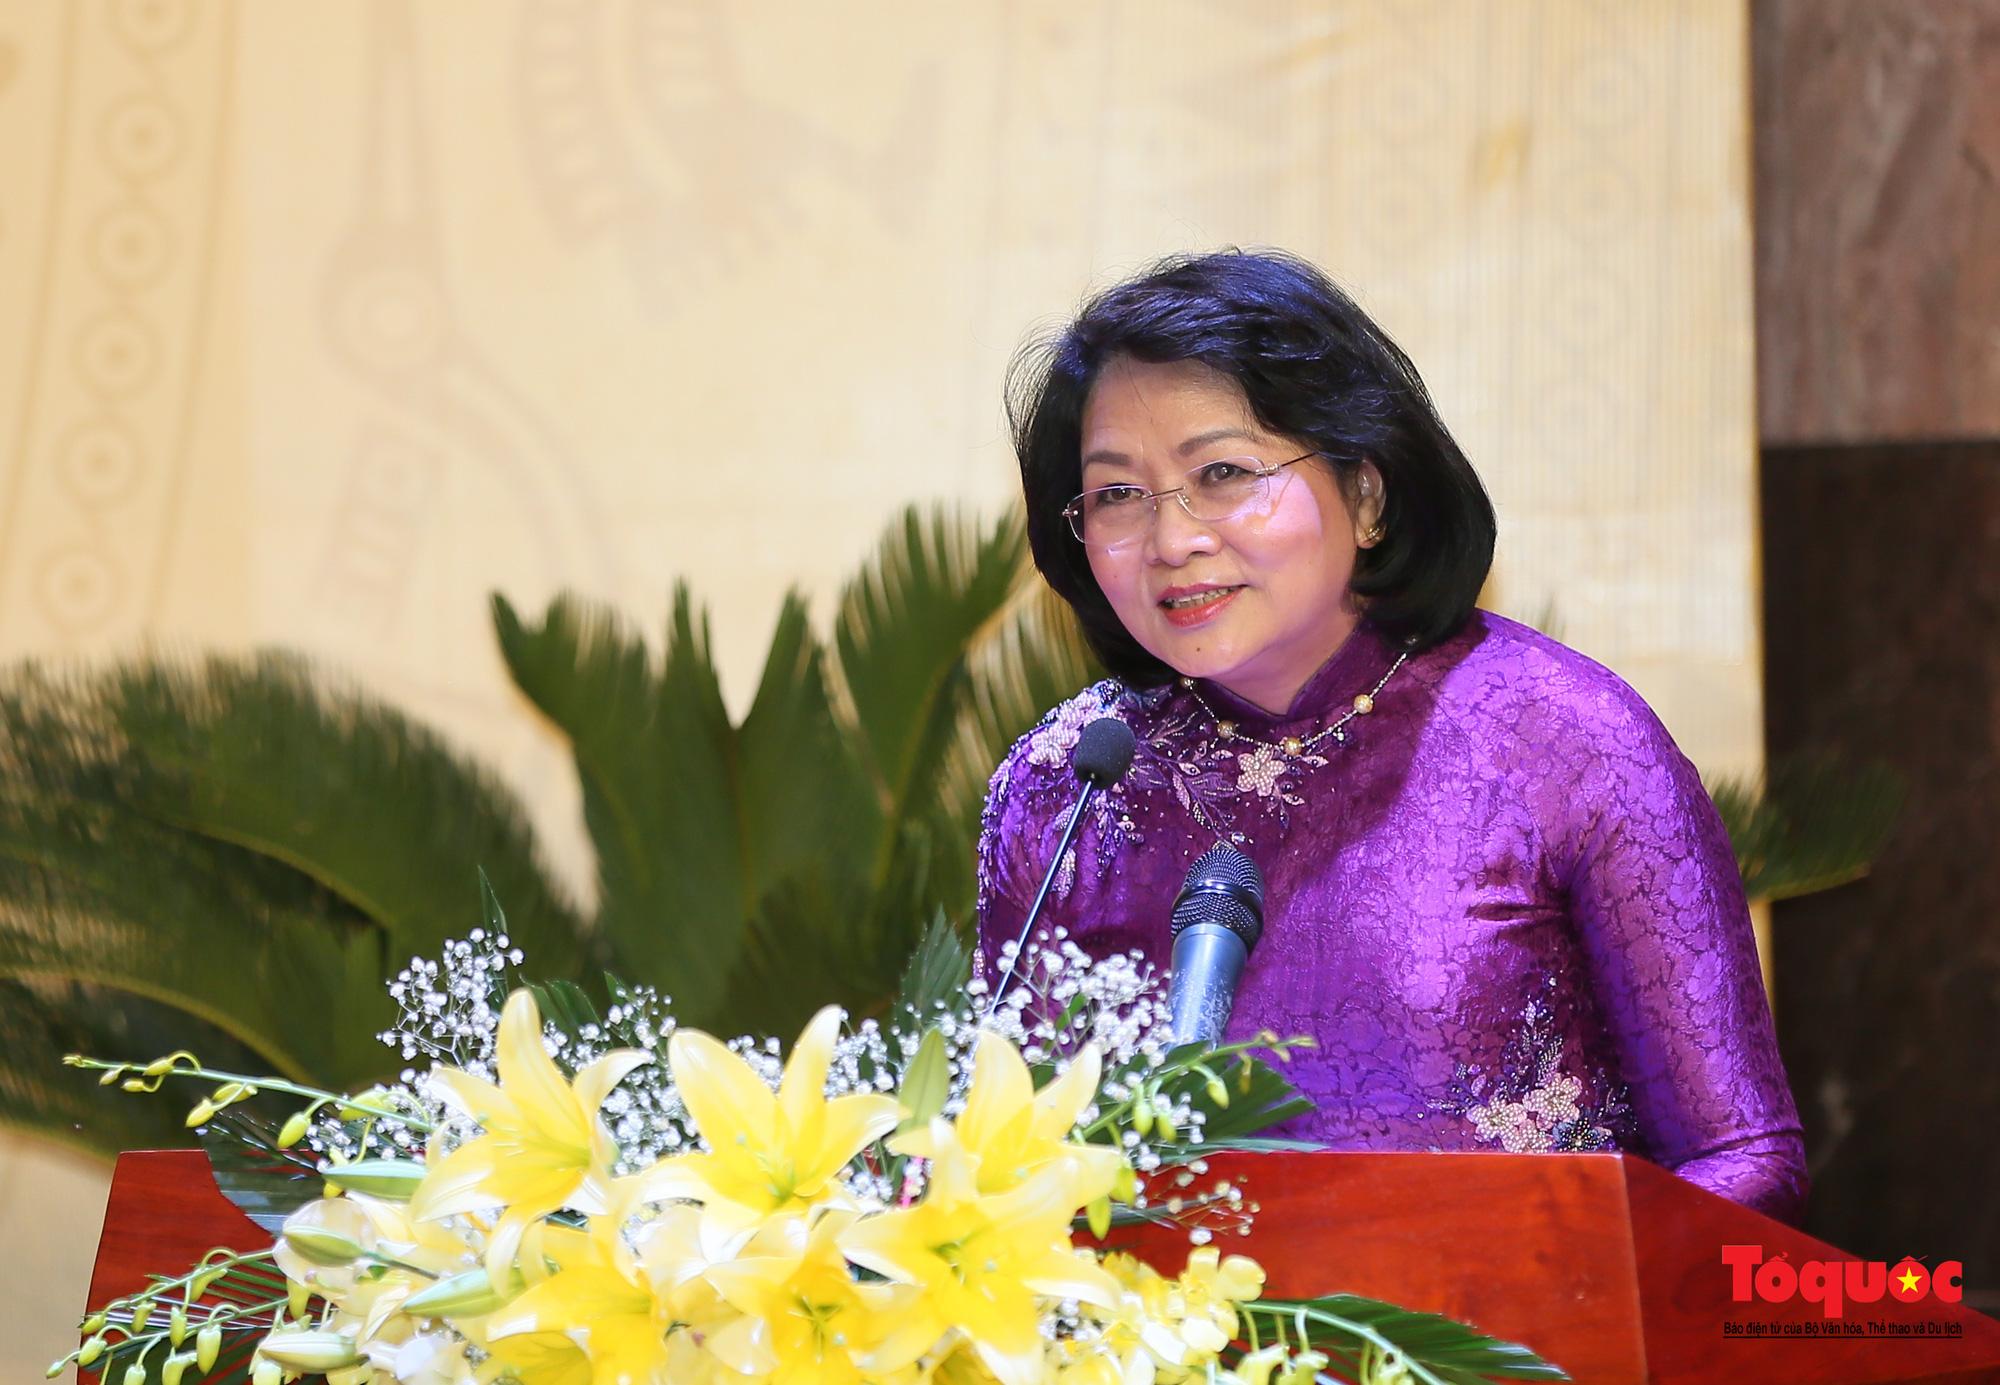 Phát biểu tại Đại hội, Phó Chủ tịch nước Đặng Thị Ngọc Thịnh khẳng định: Việt Nam có một nền văn hóa đặc sắc, lâu đời gắn liền với lịch sử hình thành và phát triển của dân tộc. Thắng lợi vĩ đại của cá